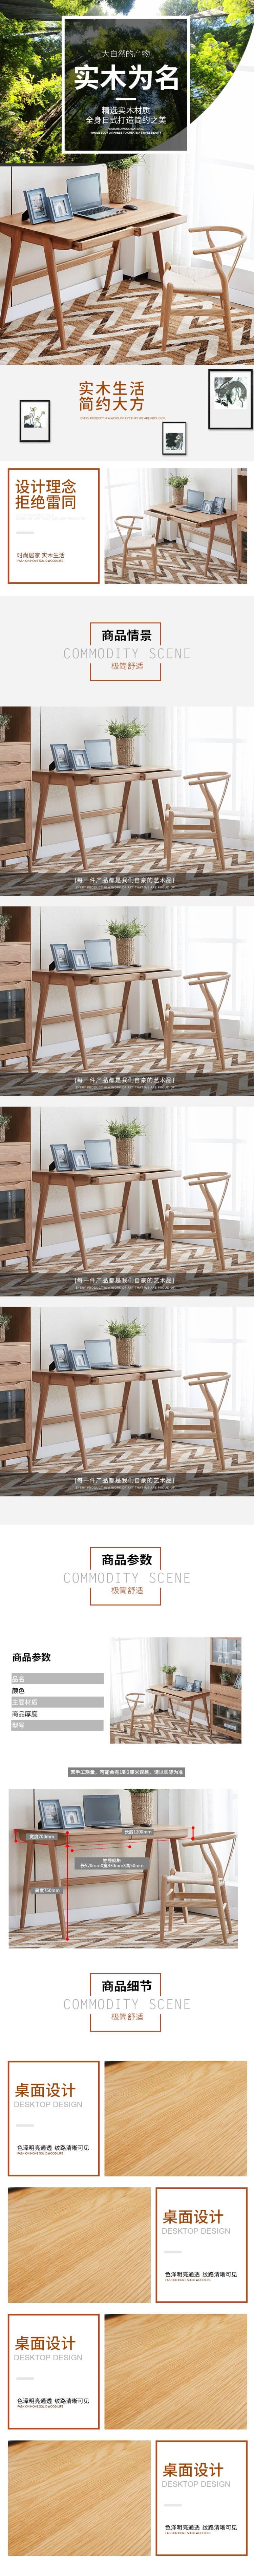 实木书桌办公家具详情页